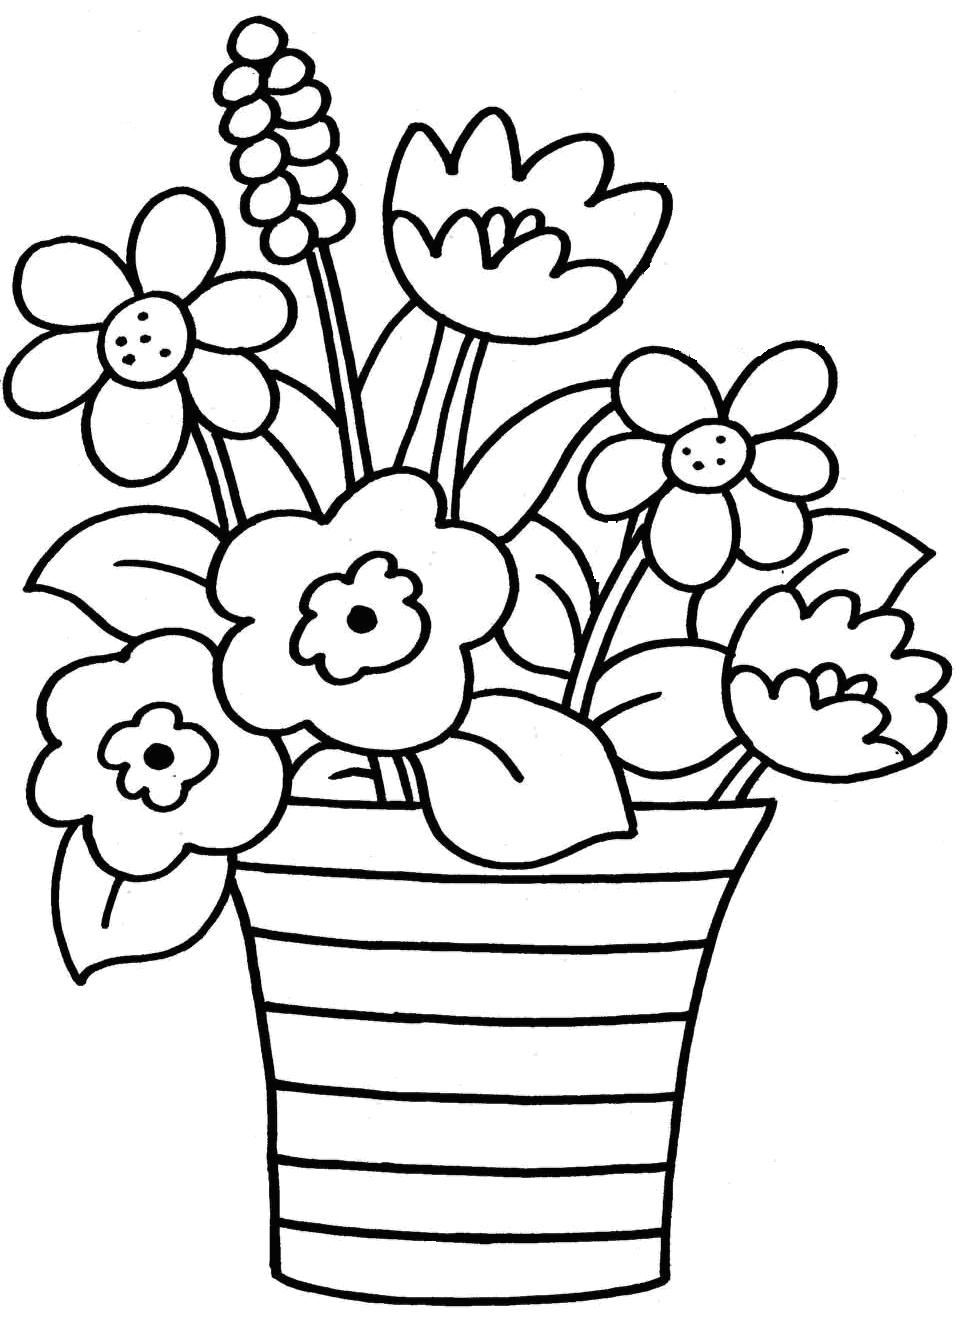 Спокойной ночи, картинки с цветами для детей 6-7 лет